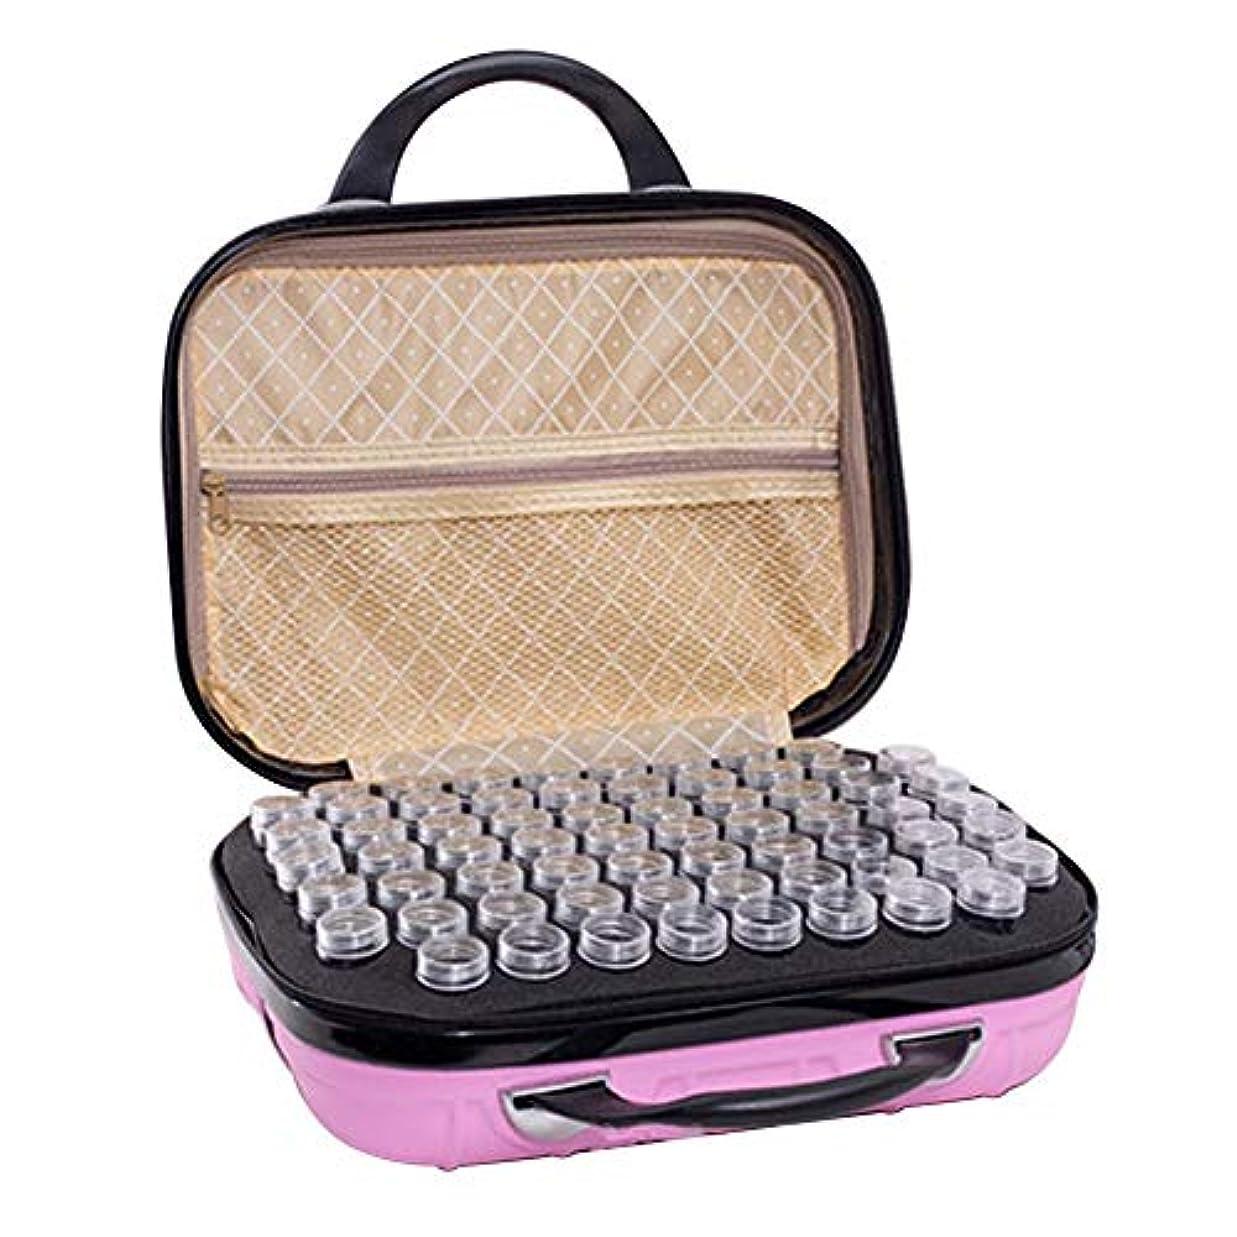 とげのある傑作心配する精油収納ボックス エッセンシャルオイルケース 携帯用 香水収納バッグ アロマケース 精油ケース 大容量 傷防止 耐衝撃 アロマセラピストポーチ エッセンシャルオイル収納ボックス